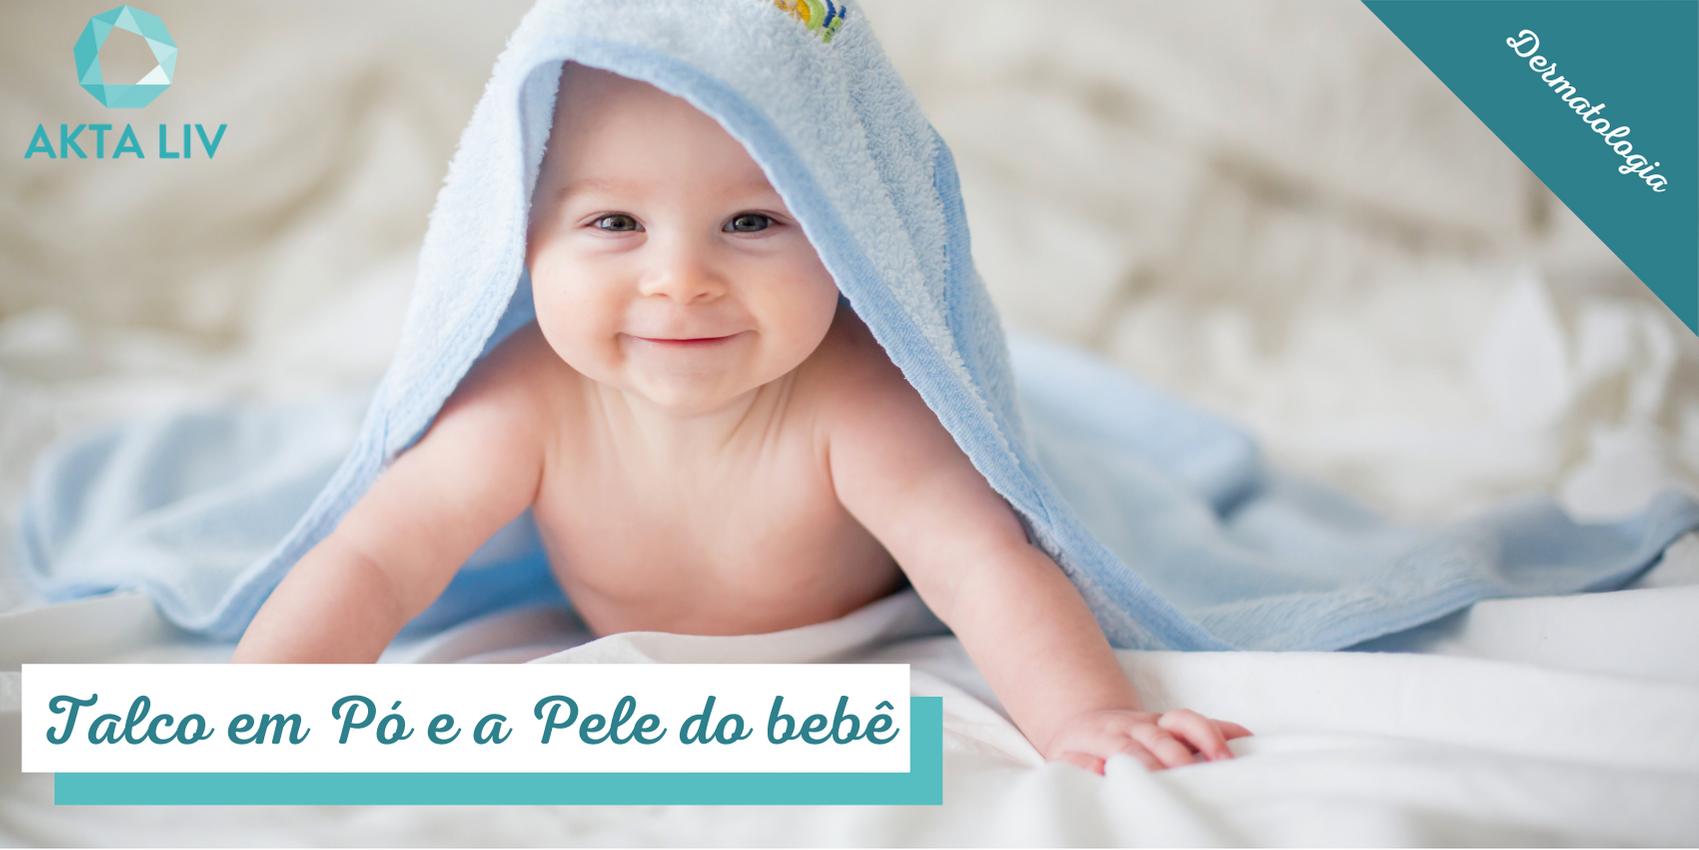 AKTA-Liv-Dermatologia-Talco-em-Pó-Pele-de-Bebê